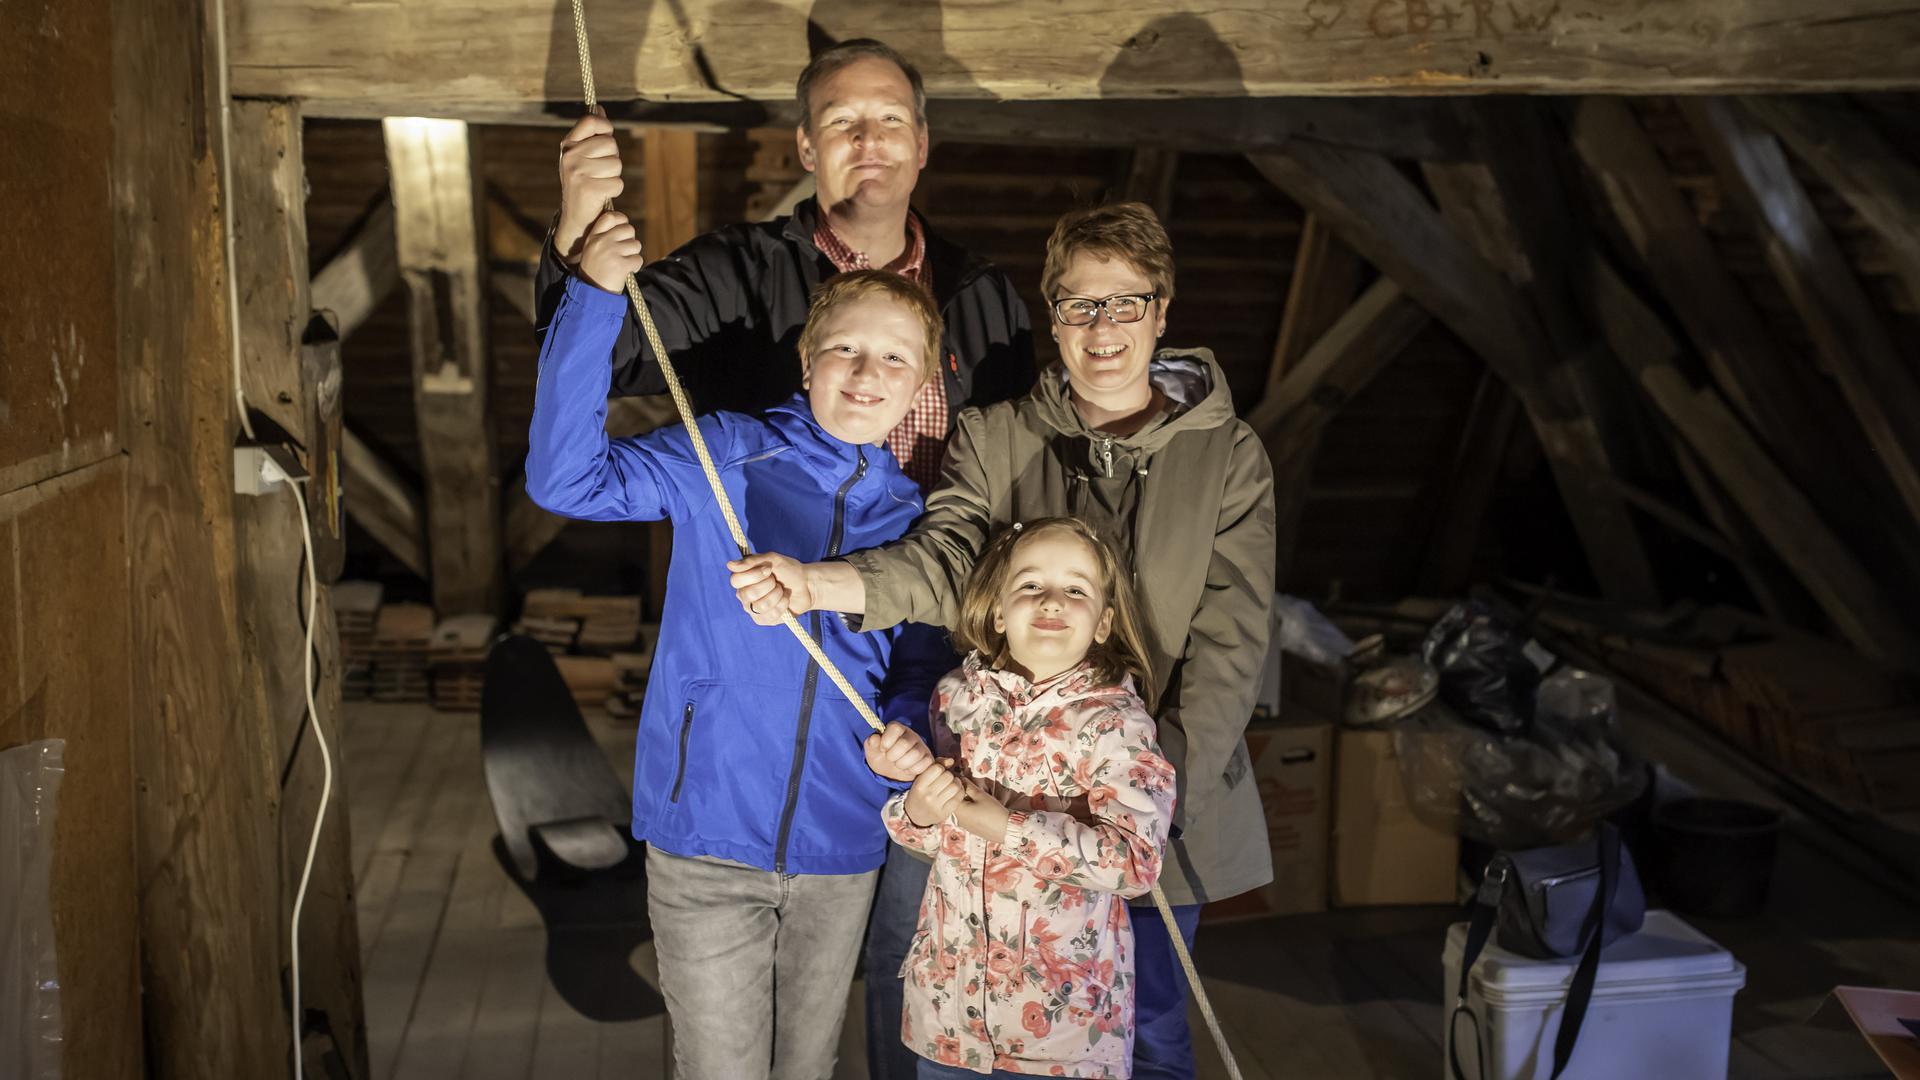 Julia und Holger Lux und ihre Kinder Madita und Yannick durften zum ersten Mal an dem Seil der Glocke ziehen